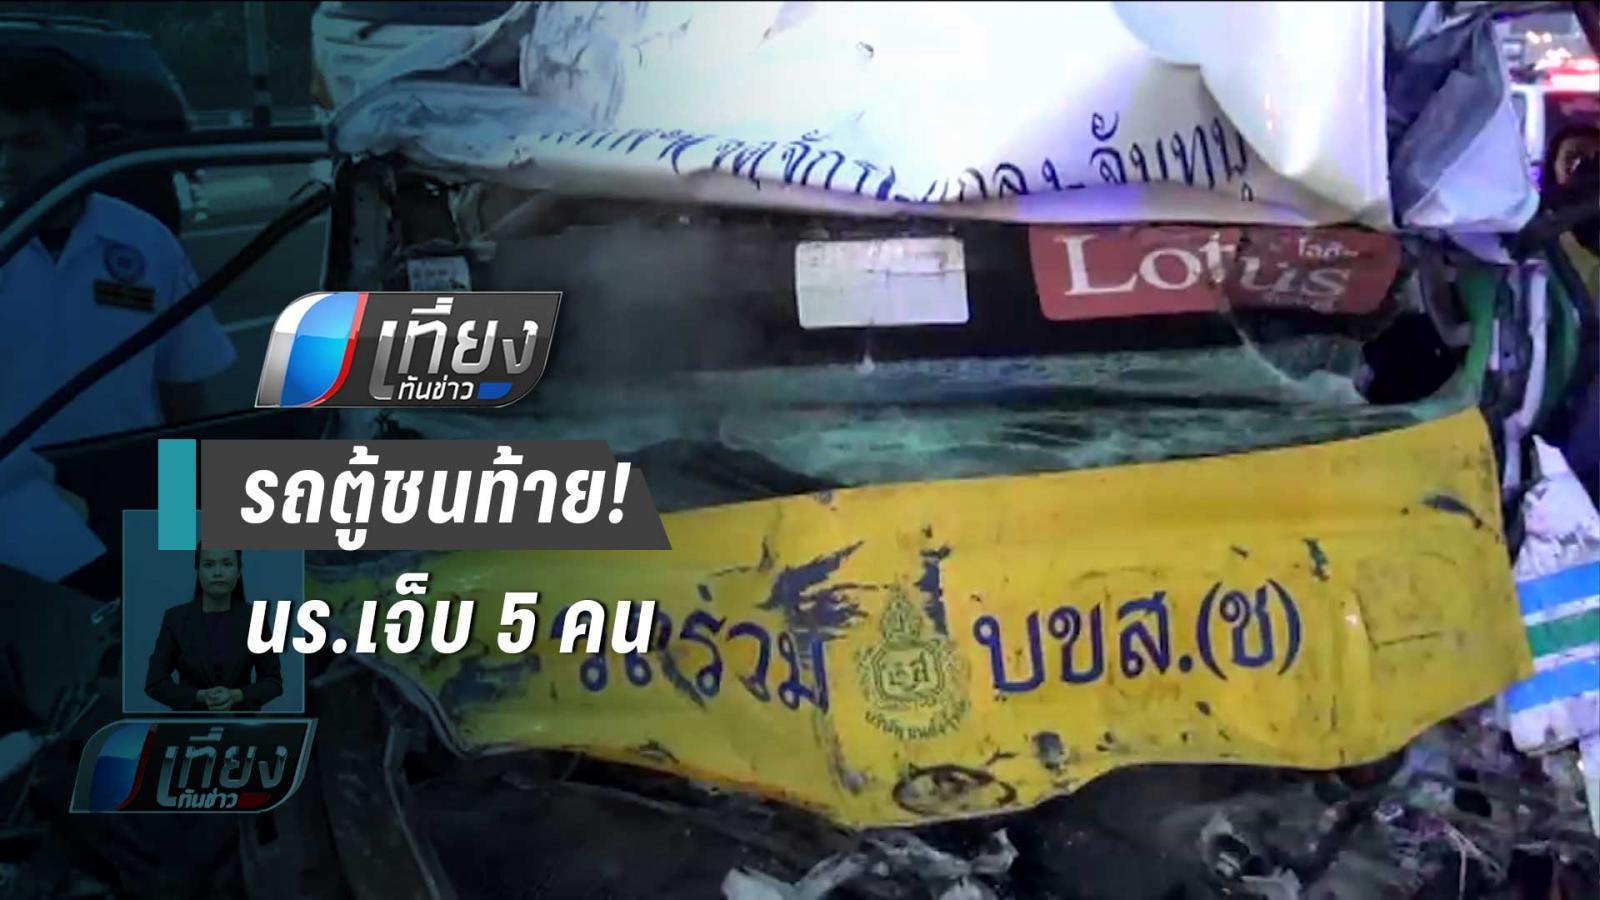 รถตู้โดยสารชนท้ายรถพ่วง! เสียชีวิต 1 คน   นร.เจ็บอีก  5 คน